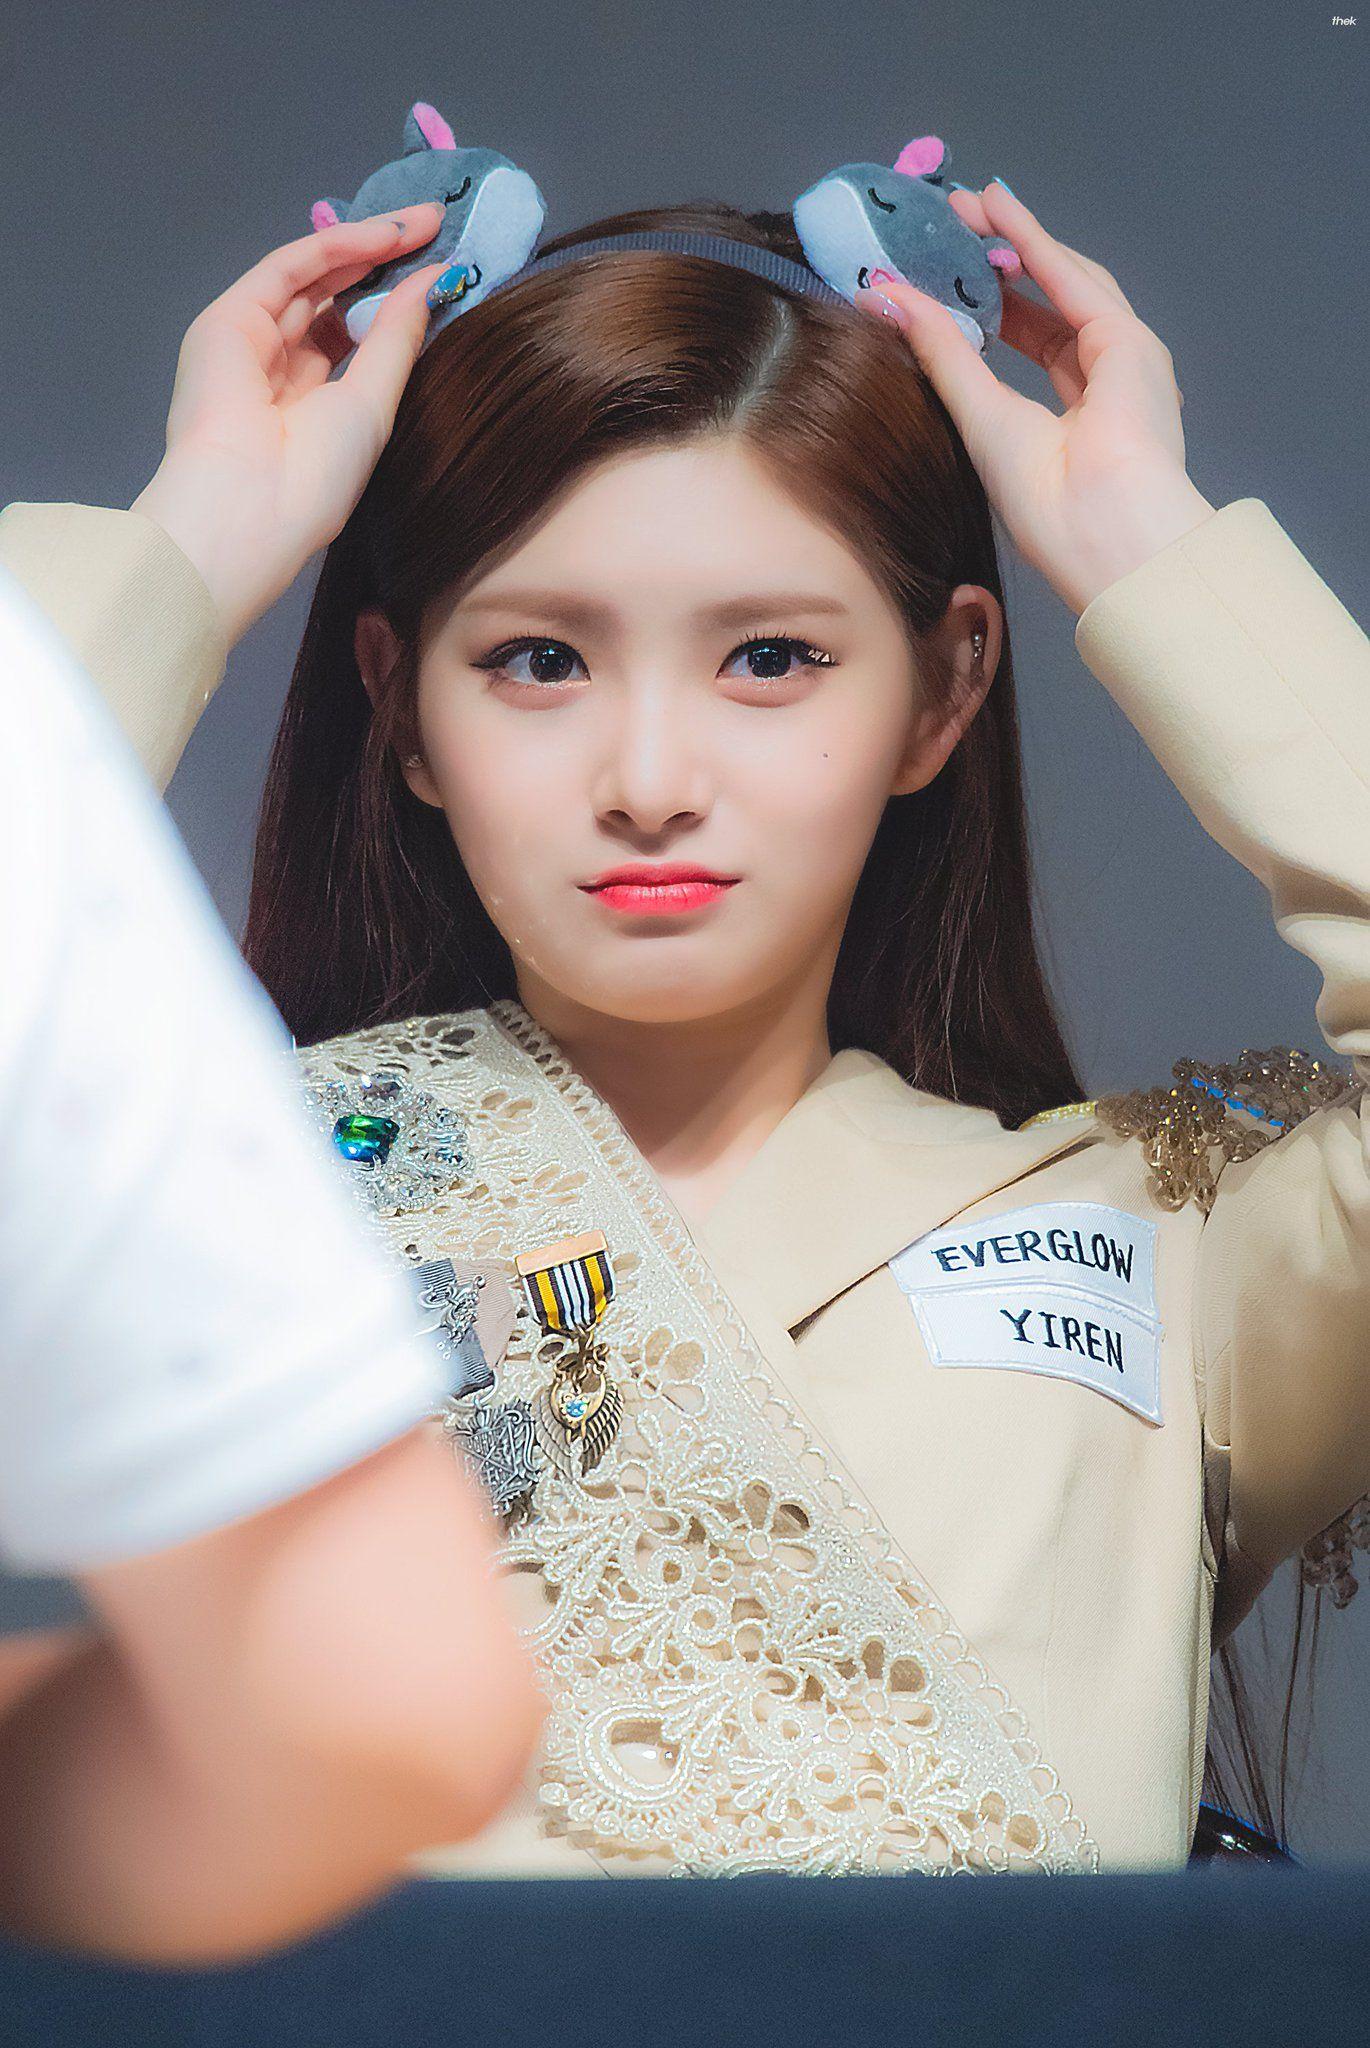 The K On Twitter Cute Korean Girl Kpop Girls Cute Korean